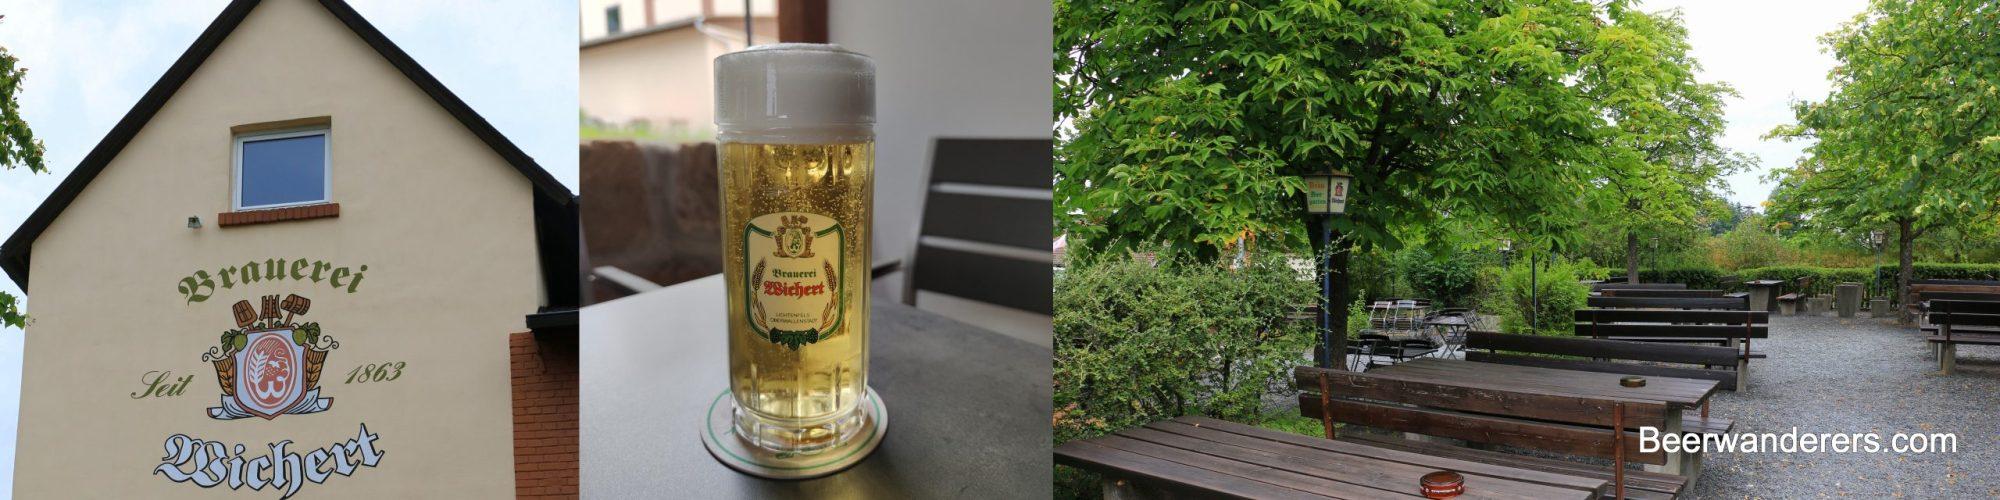 brewery, beer, biergarten